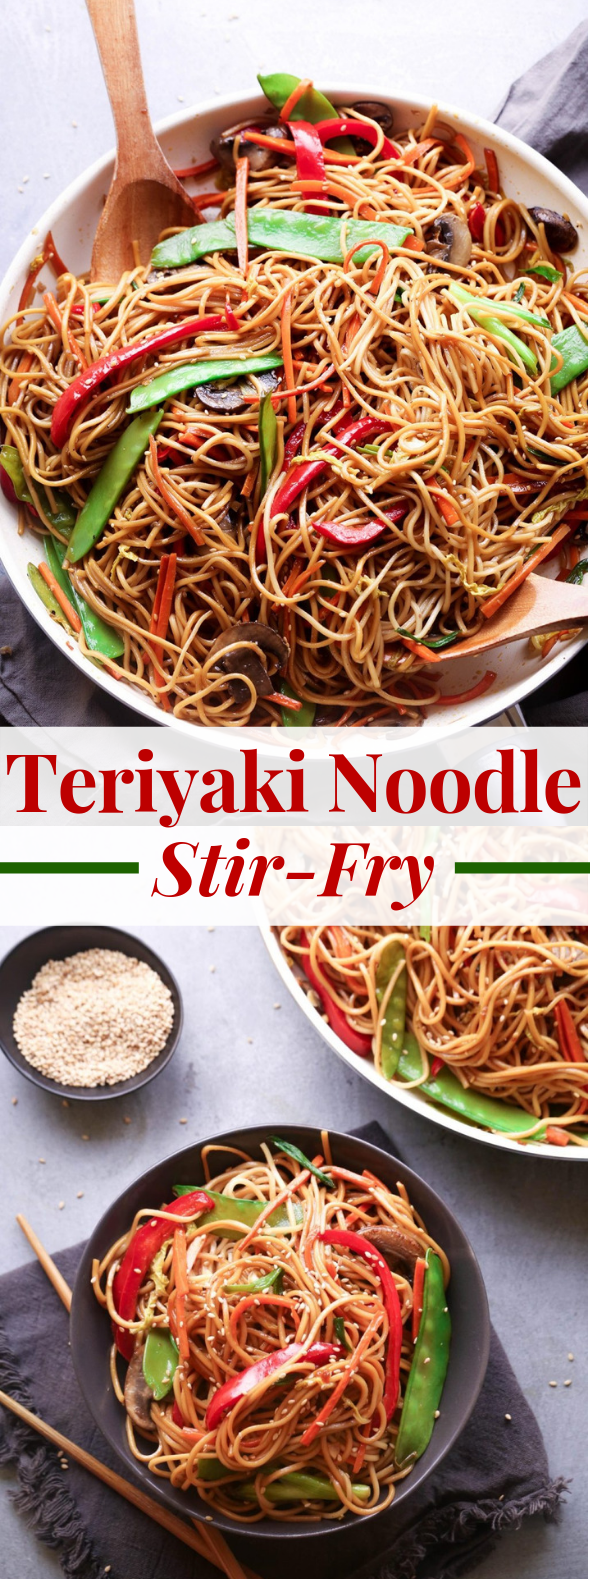 Teriyaki Noodle Stir-Fry #vegetarian #veggies